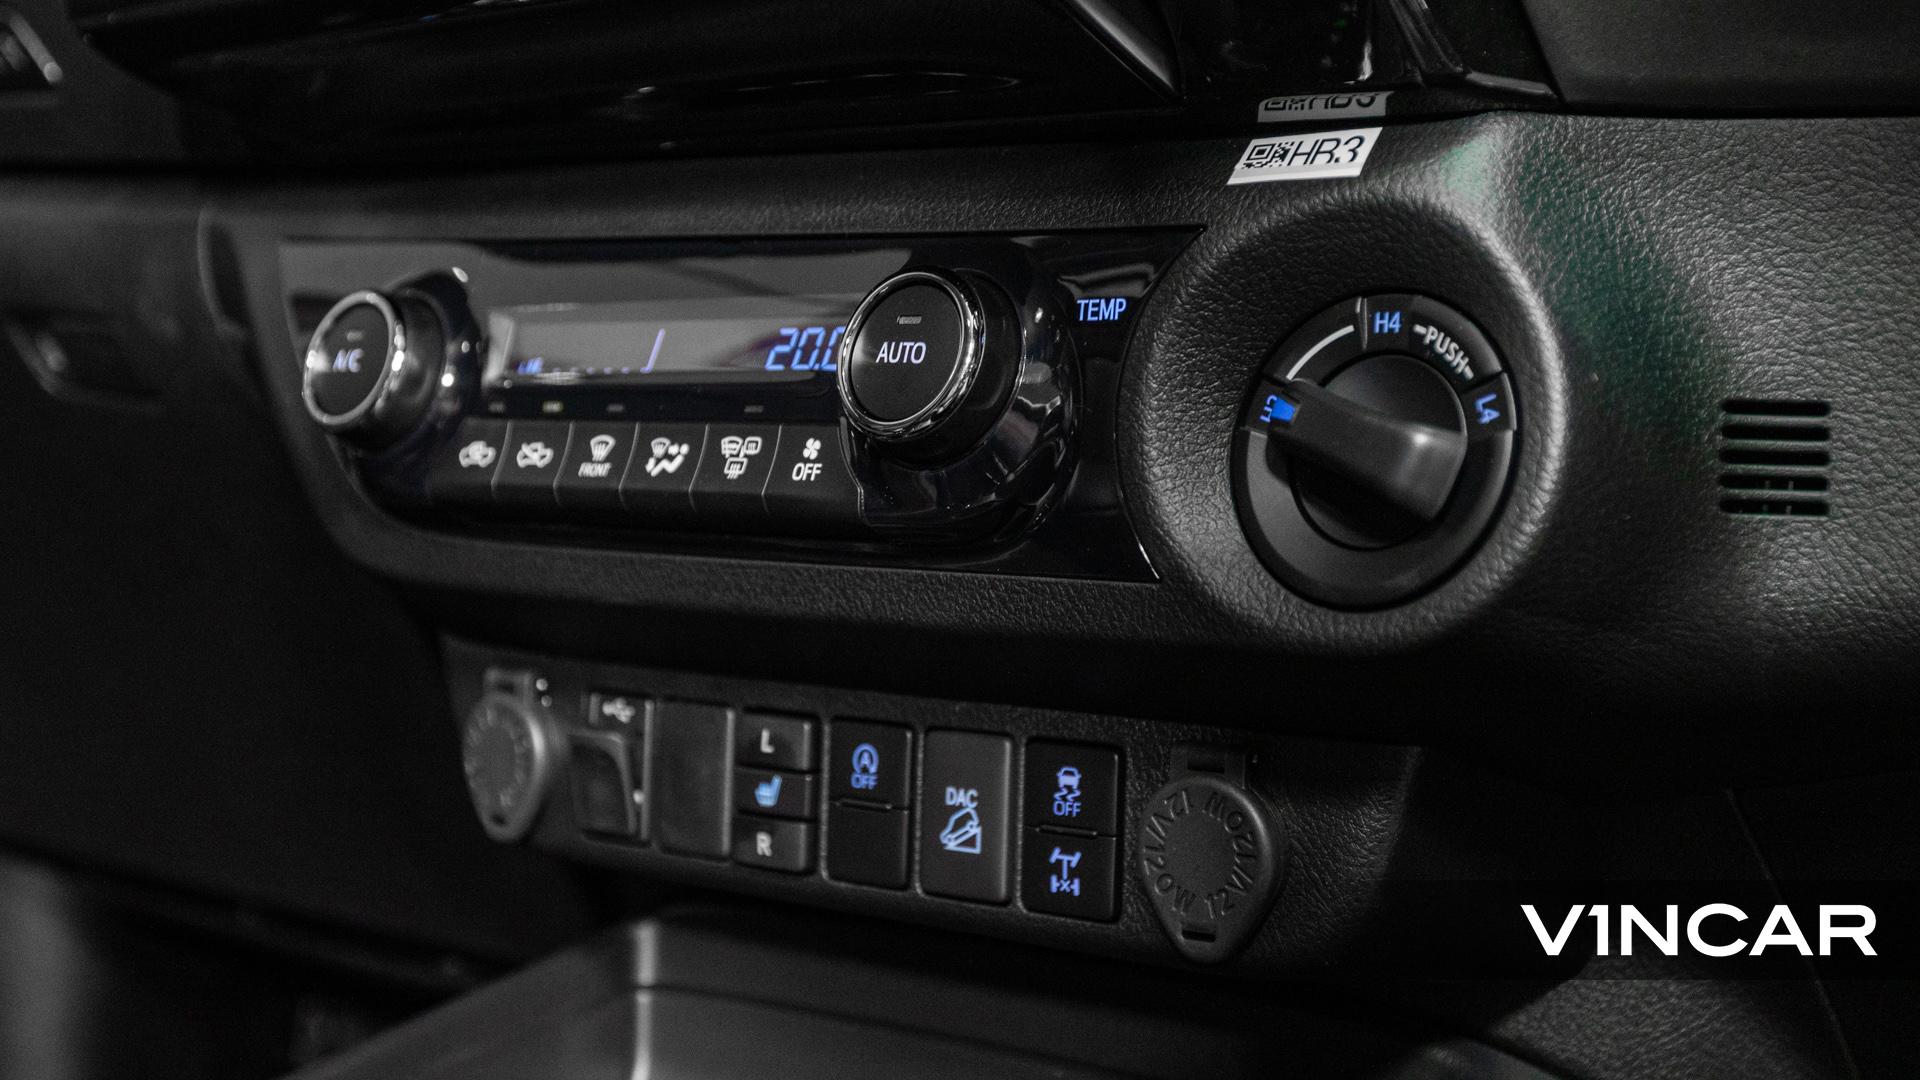 Toyota Hilux Double Cab Auto Invincible X (FL2021) - Infotainment Control Buttons 1